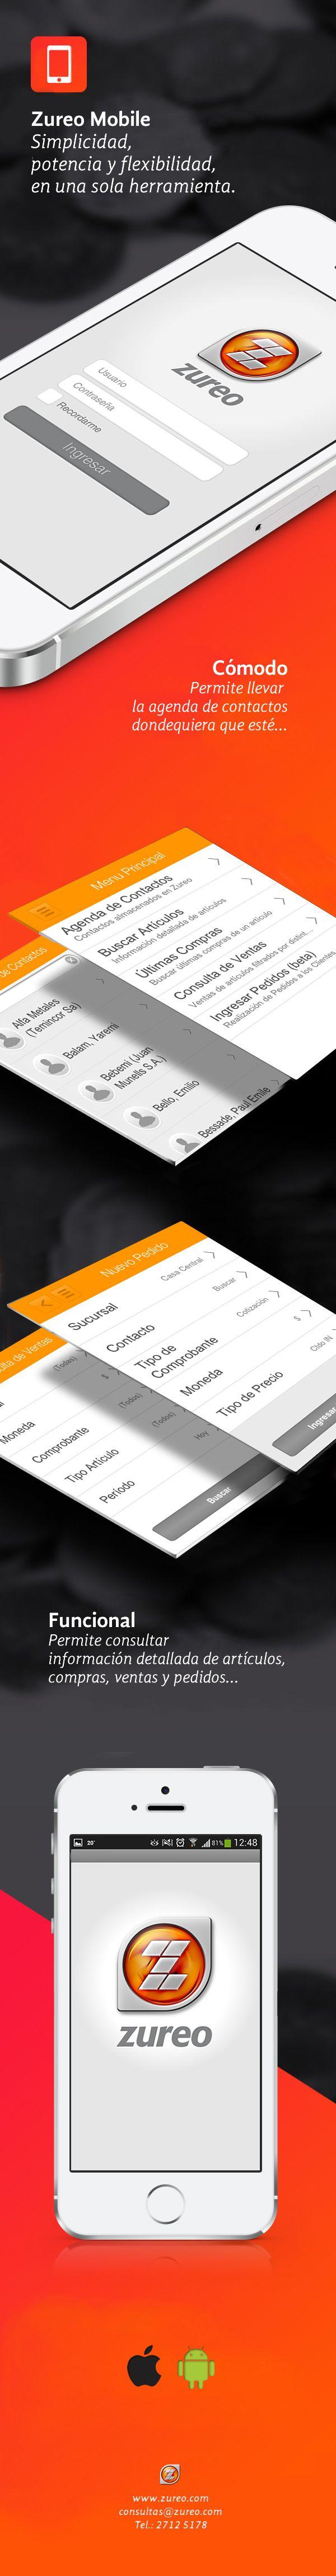 Desarrollo gráfico para Zureo Mobile